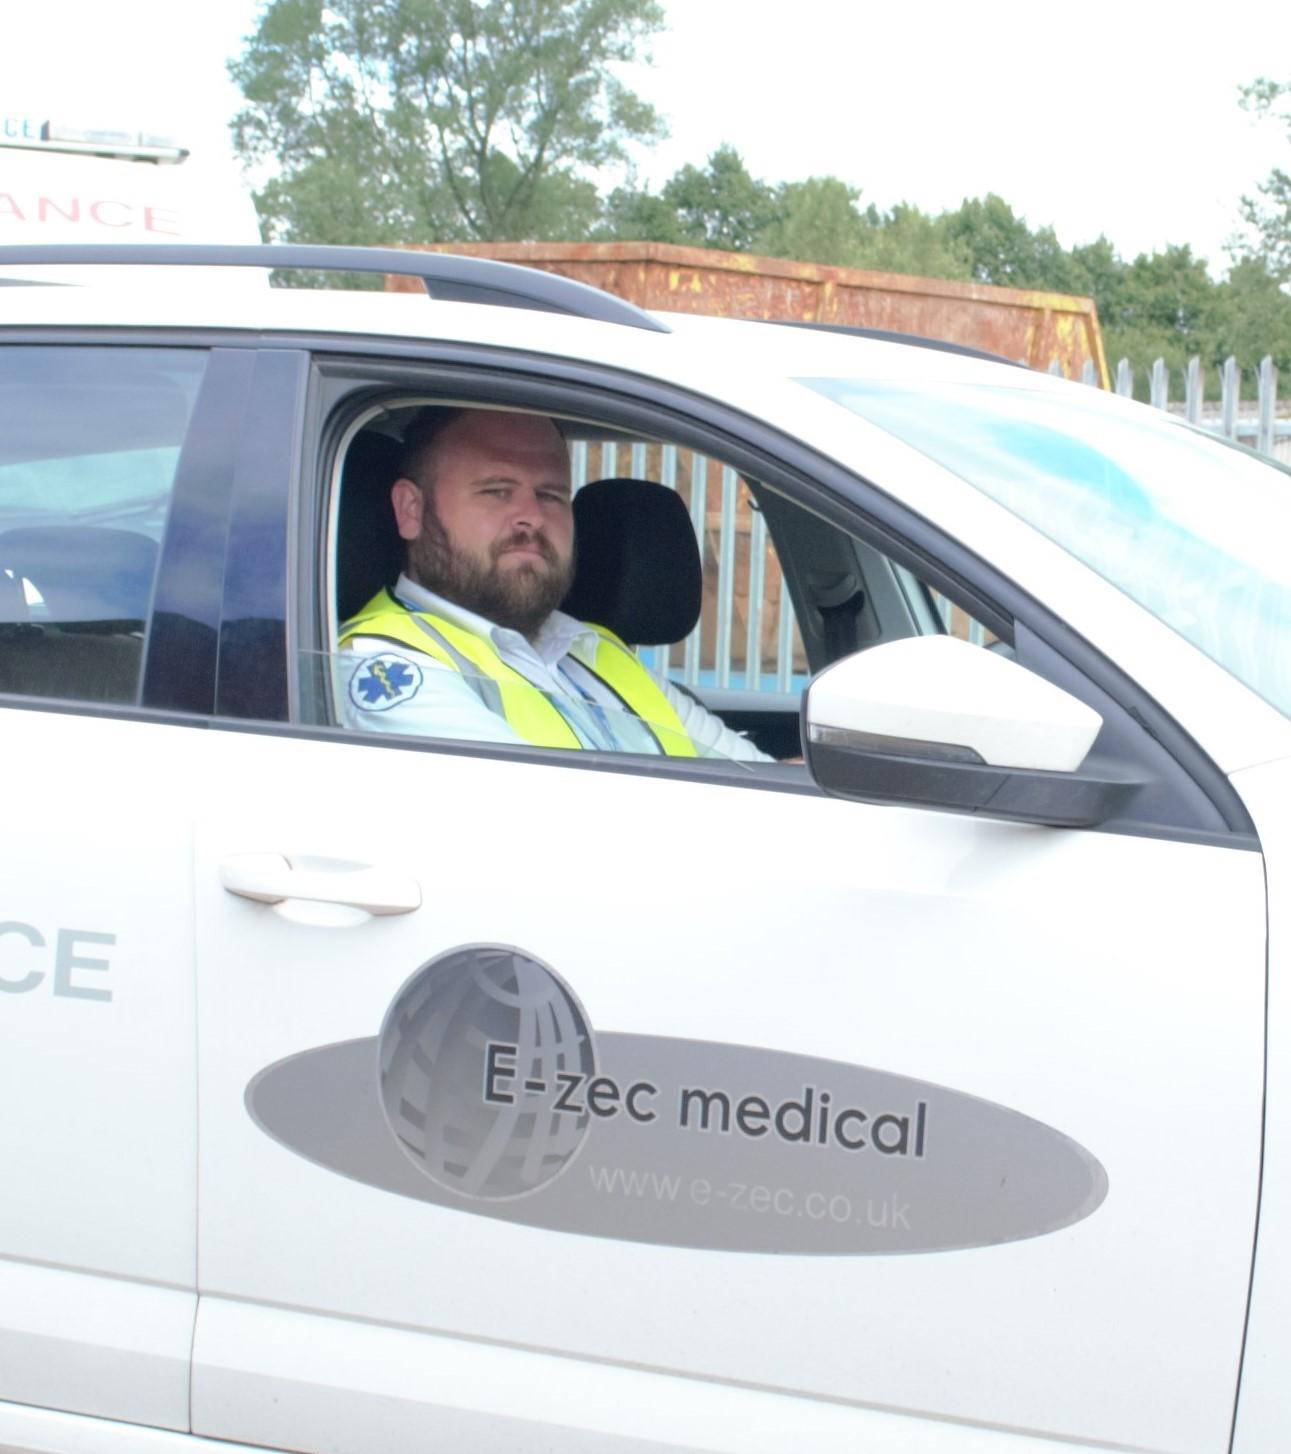 E-zec On Demand Transport Services